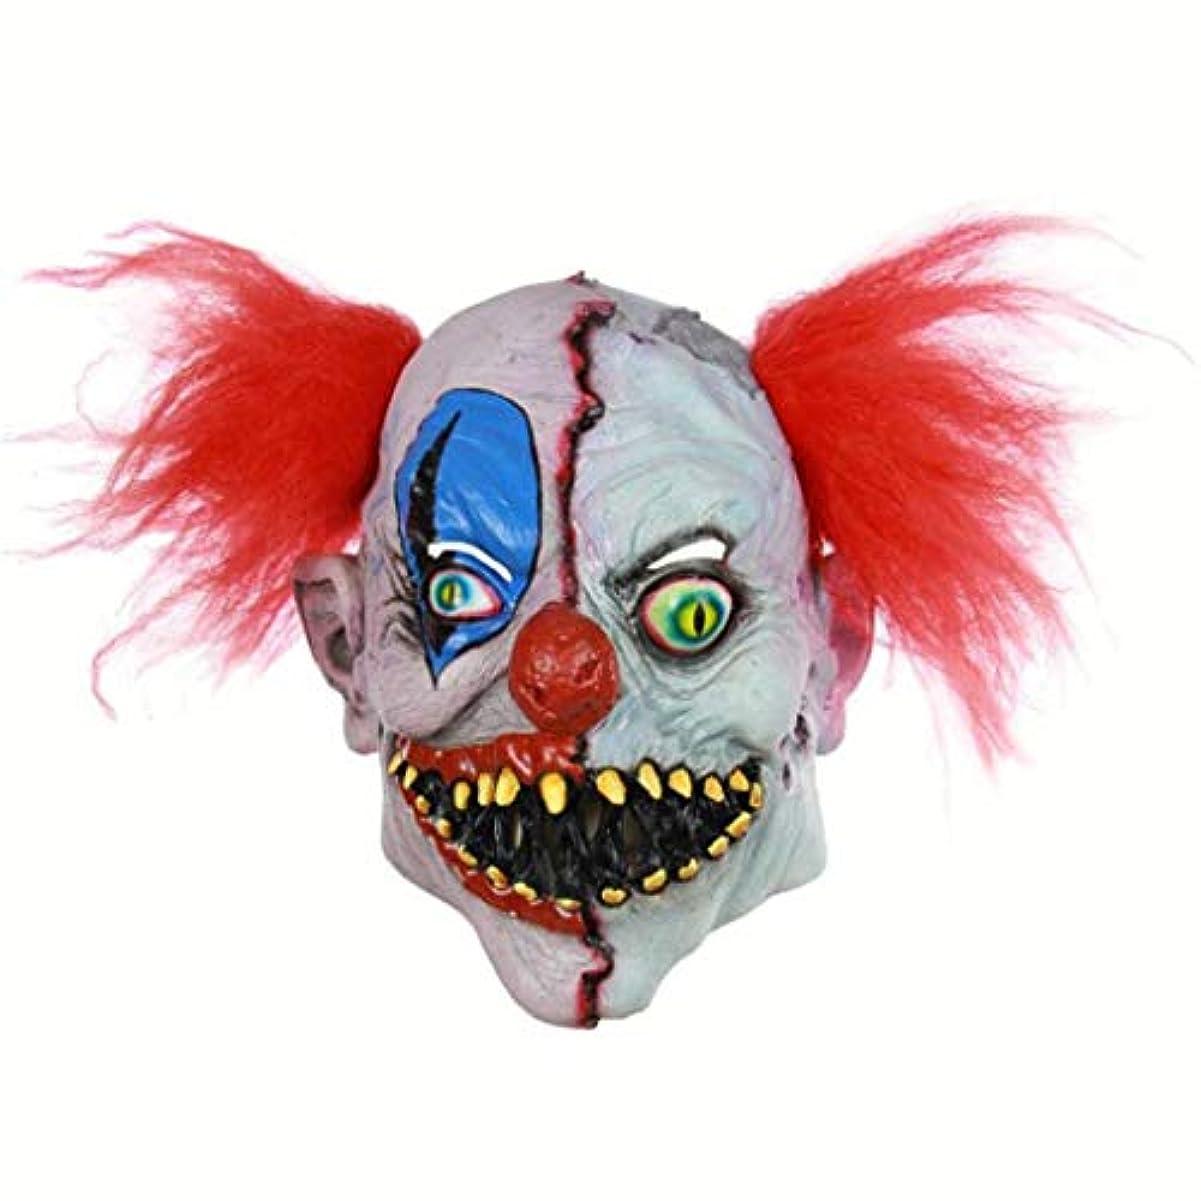 尊敬する鎮痛剤教育学ハロウィンホラー腐った顔ピエロラテックスゴーストマスクしかめっ面マスクパーティーマスク映画小道具仮面舞踏会マスク